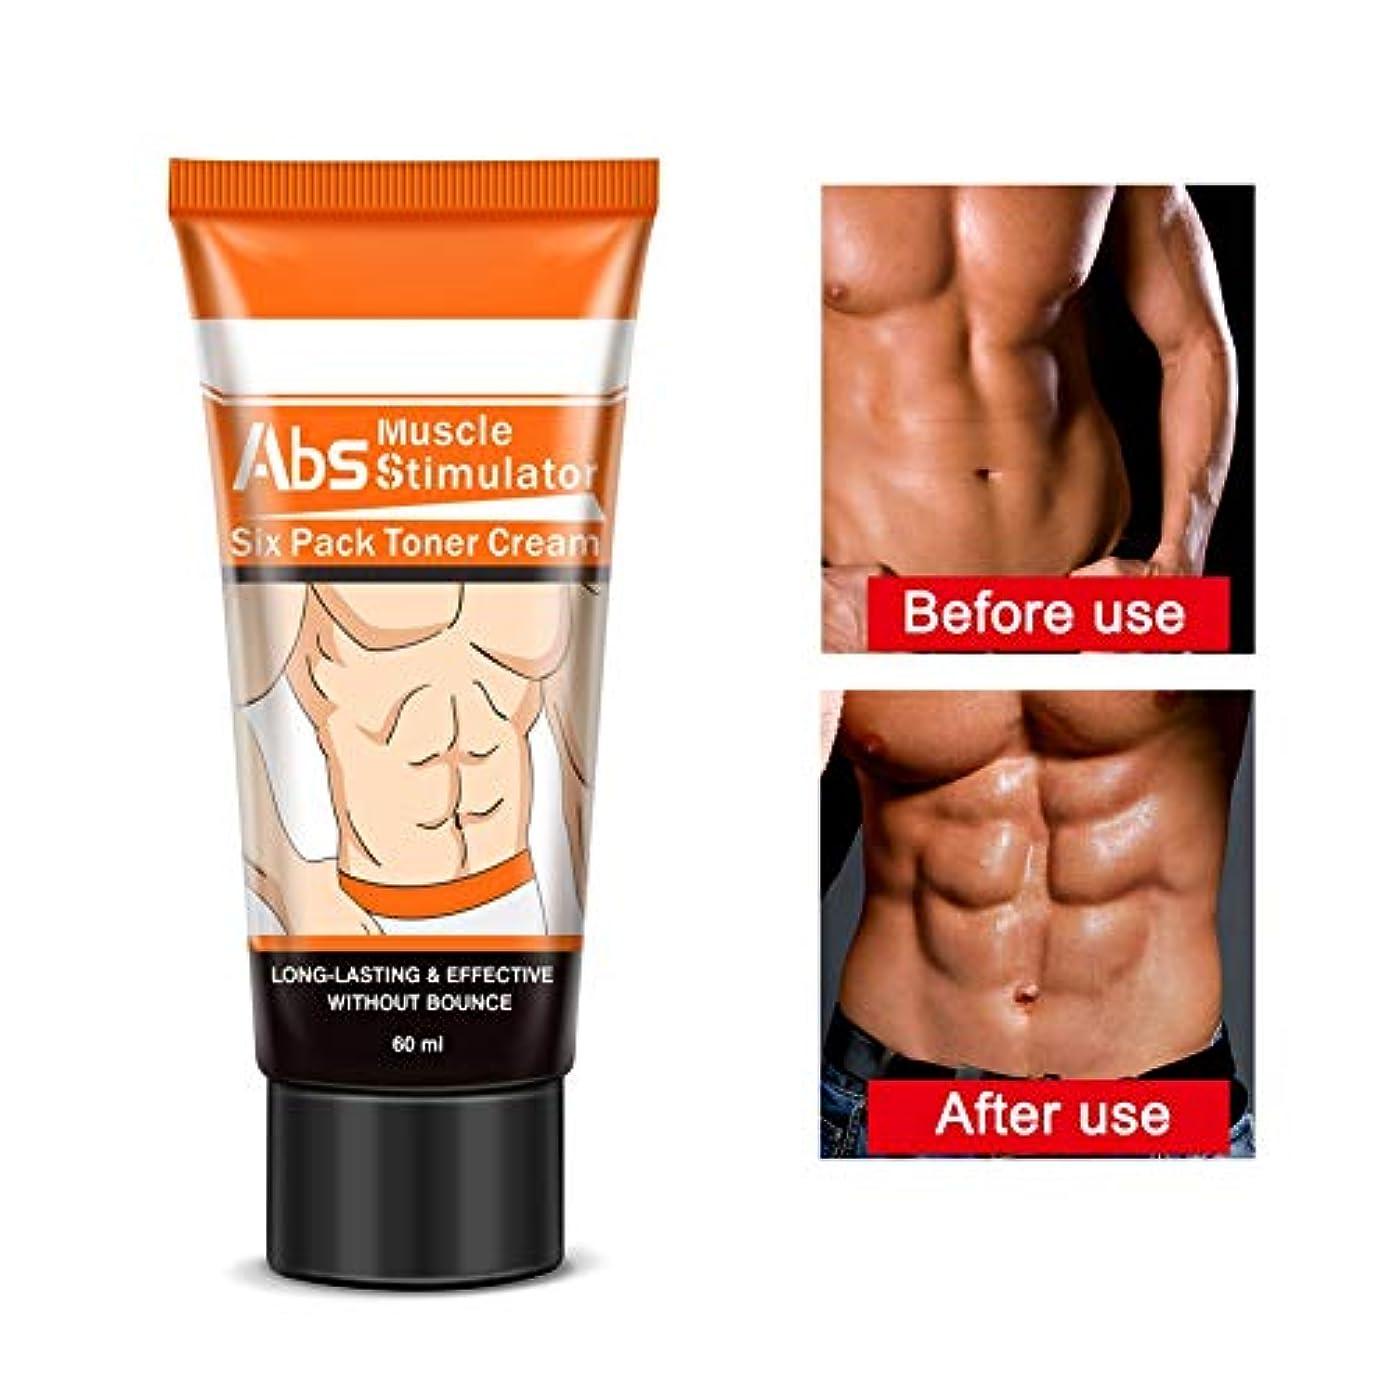 注入するアマチュアうつBalai 人および女性のための脂肪質 非常に熱いクリーム 細くする腹部の筋肉クリーム 反セルライト